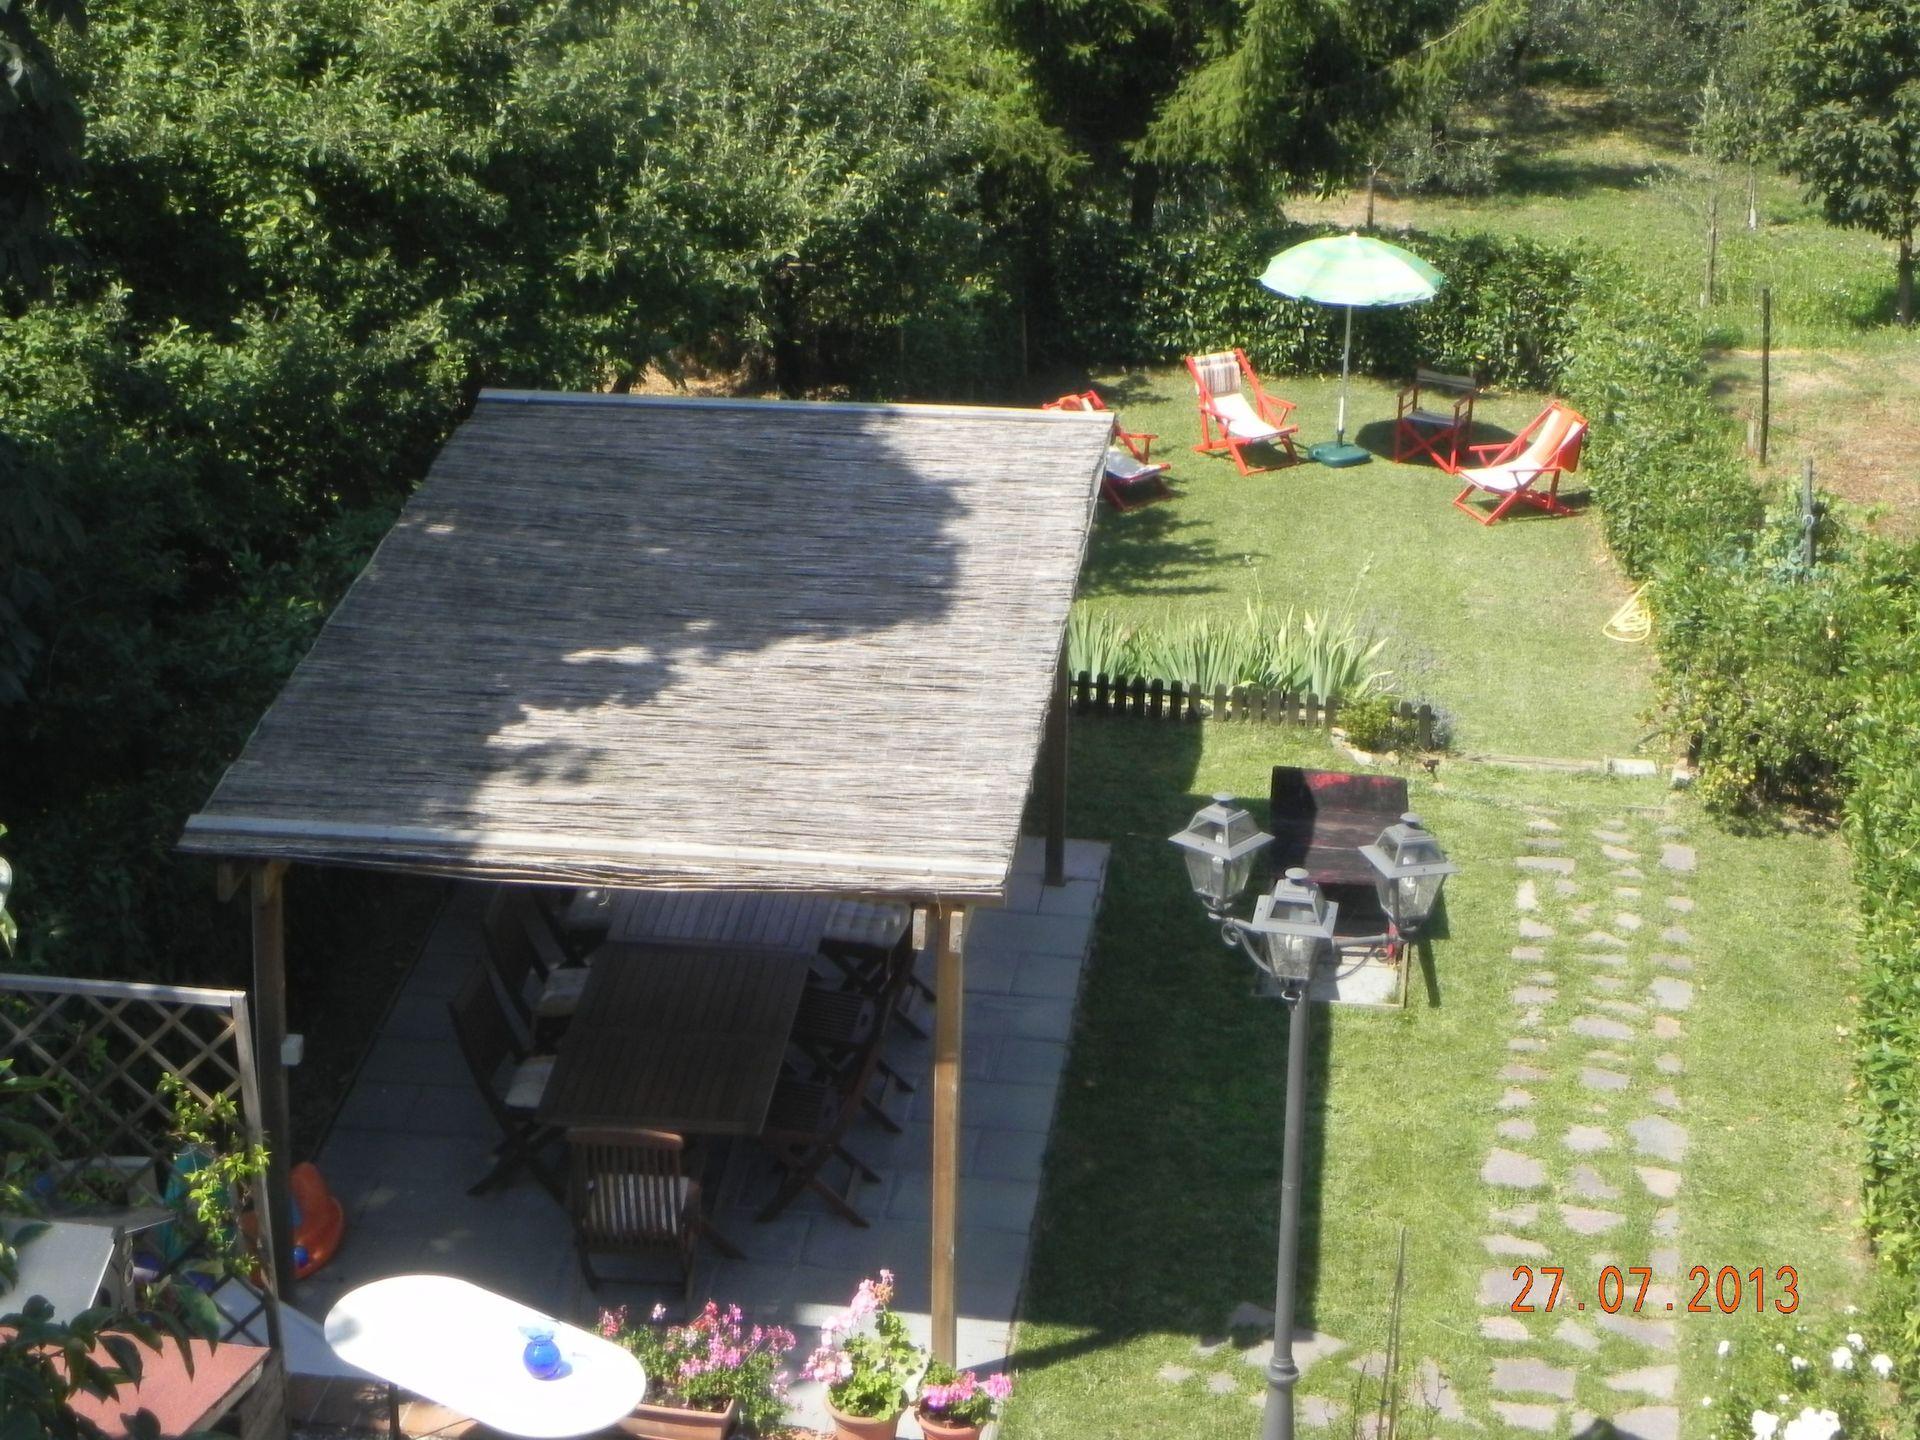 Casa della nonna casa vacanze con 7 posti letto in 3 for Planimetrie della casa della nonna